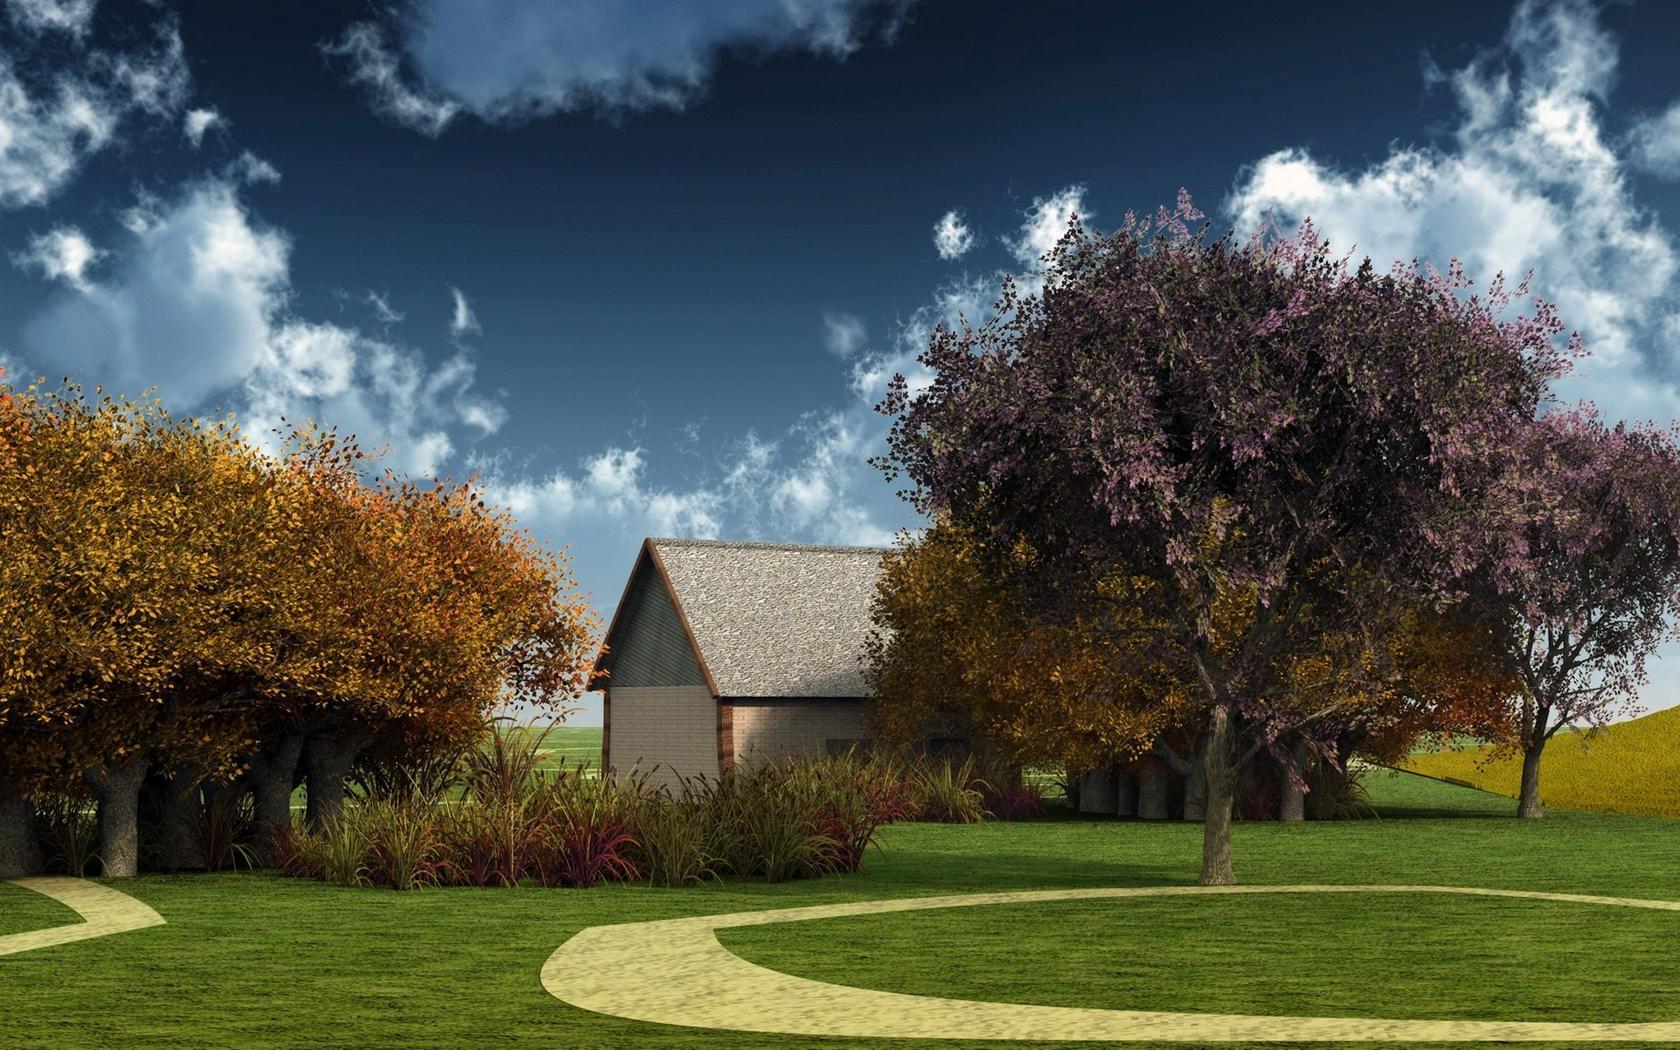 landschaft garten gras haus hinterhof immobilien baum herbst blume pflanze zuhause vorort rasen 1680x1050 px holzige - Hinterhof Landschaften Bilder